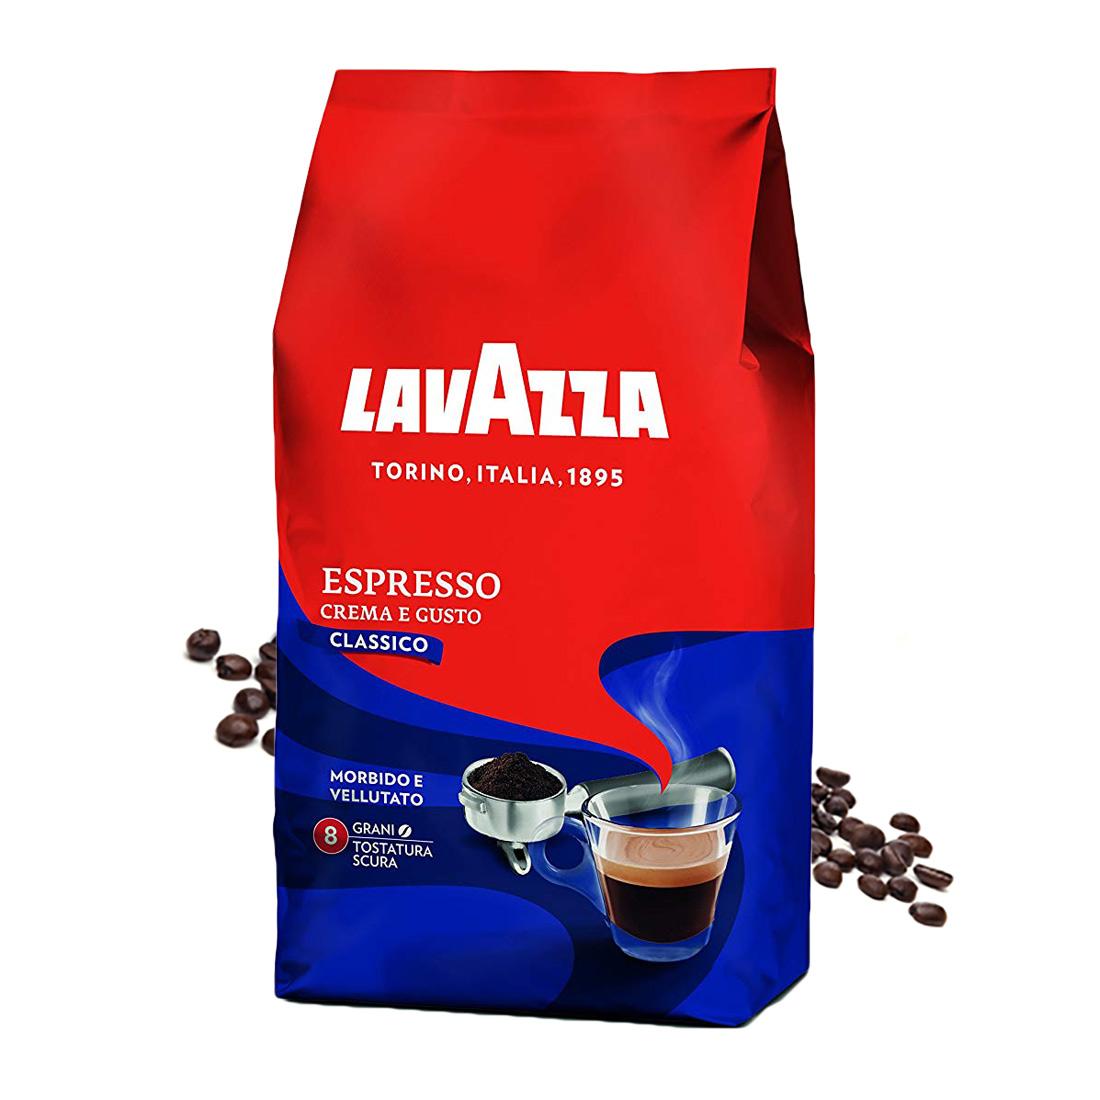 Lavazza Crema e Gusto Classico cafea boabe 1 kg